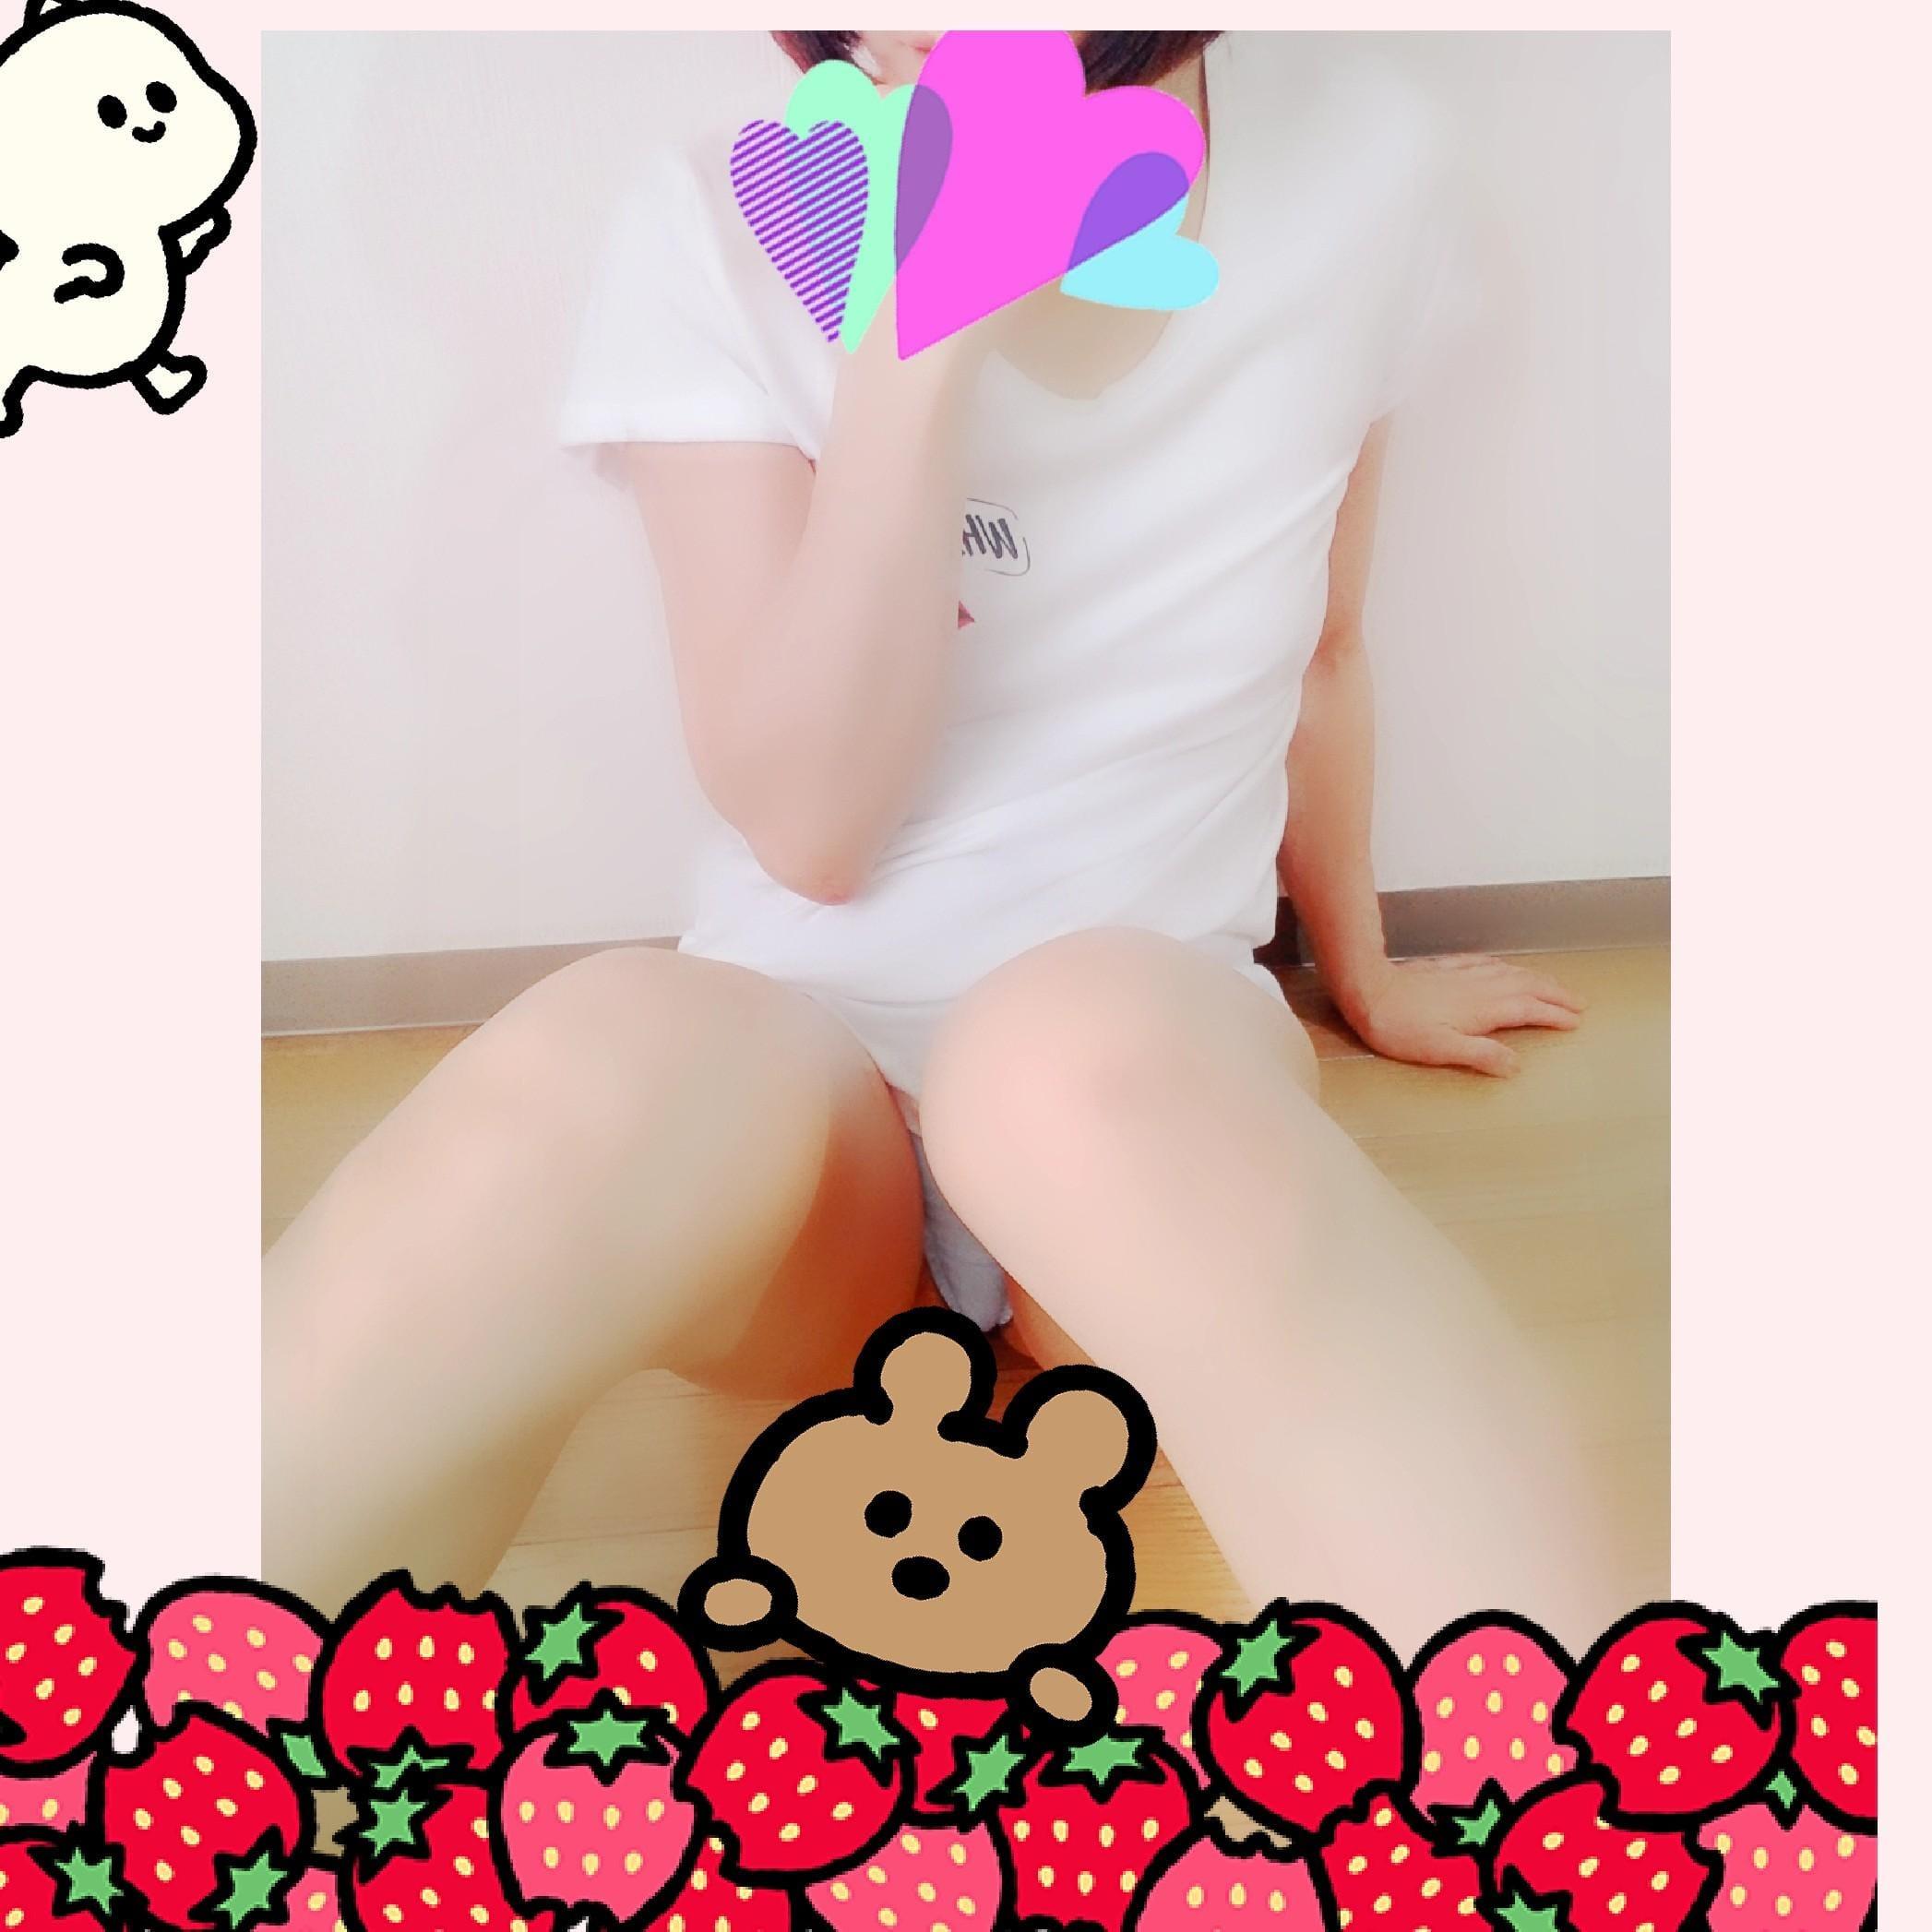 「口癖になってるかも」06/28(木) 08:25 | 安西ひろみの写メ・風俗動画